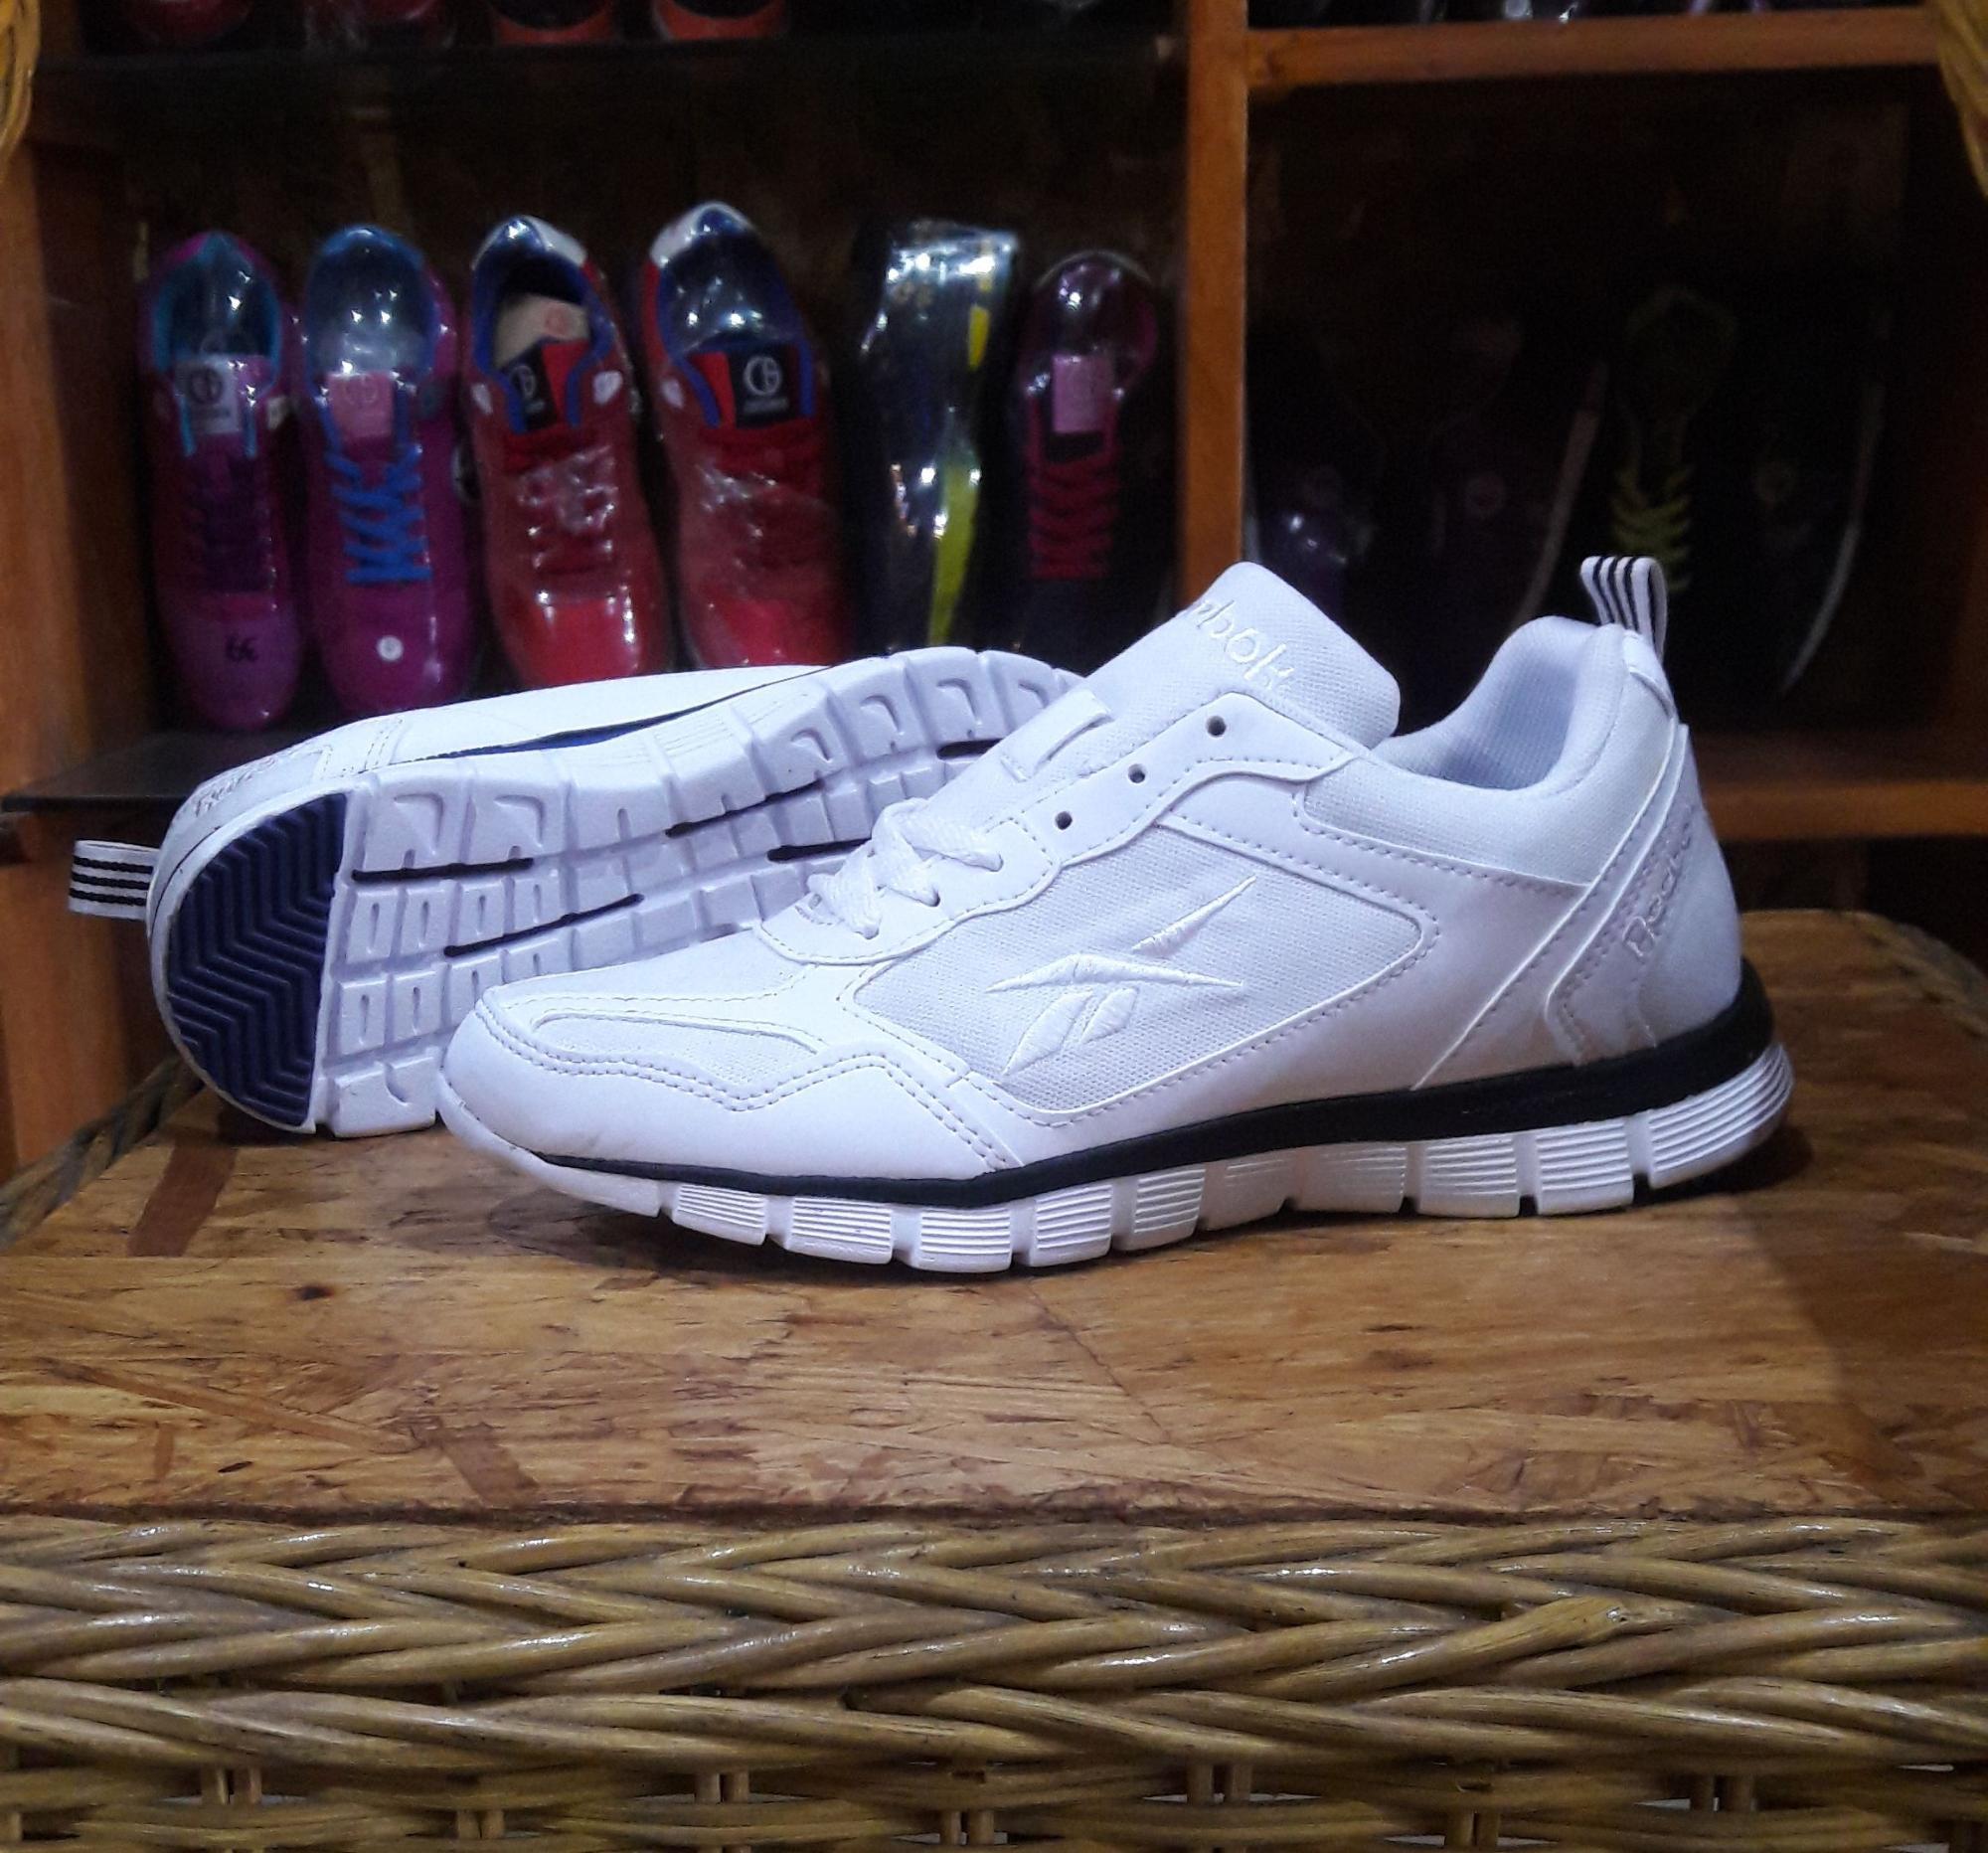 Sepatu zumba.sepatu gym.sepatu senam.sepatu fitnez wanita.sepatu wanita.sepatu sport